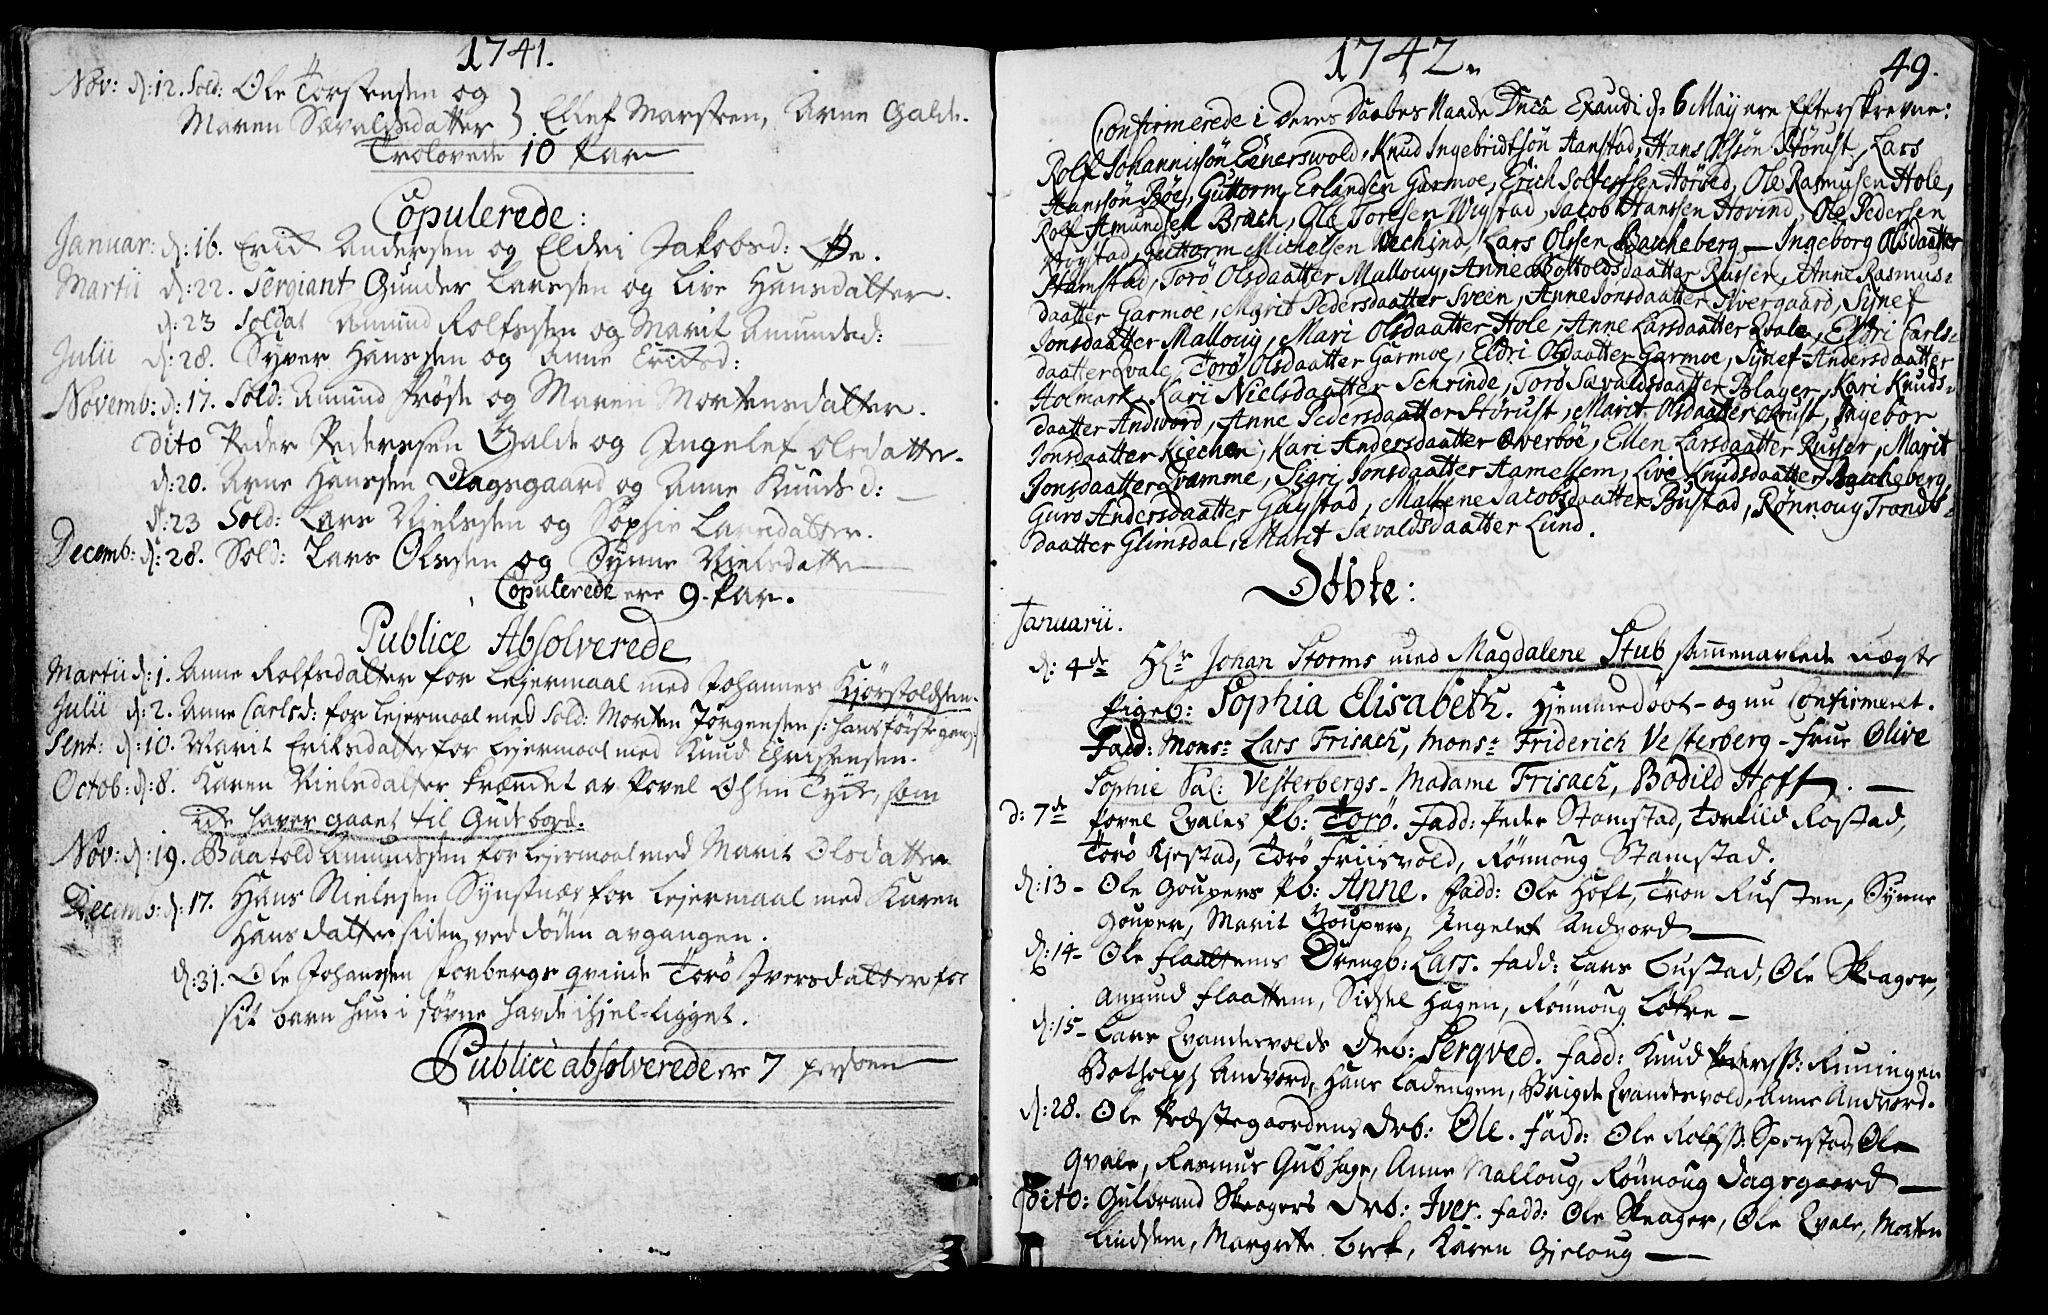 SAH, Lom prestekontor, K/L0001: Ministerialbok nr. 1, 1733-1748, s. 49